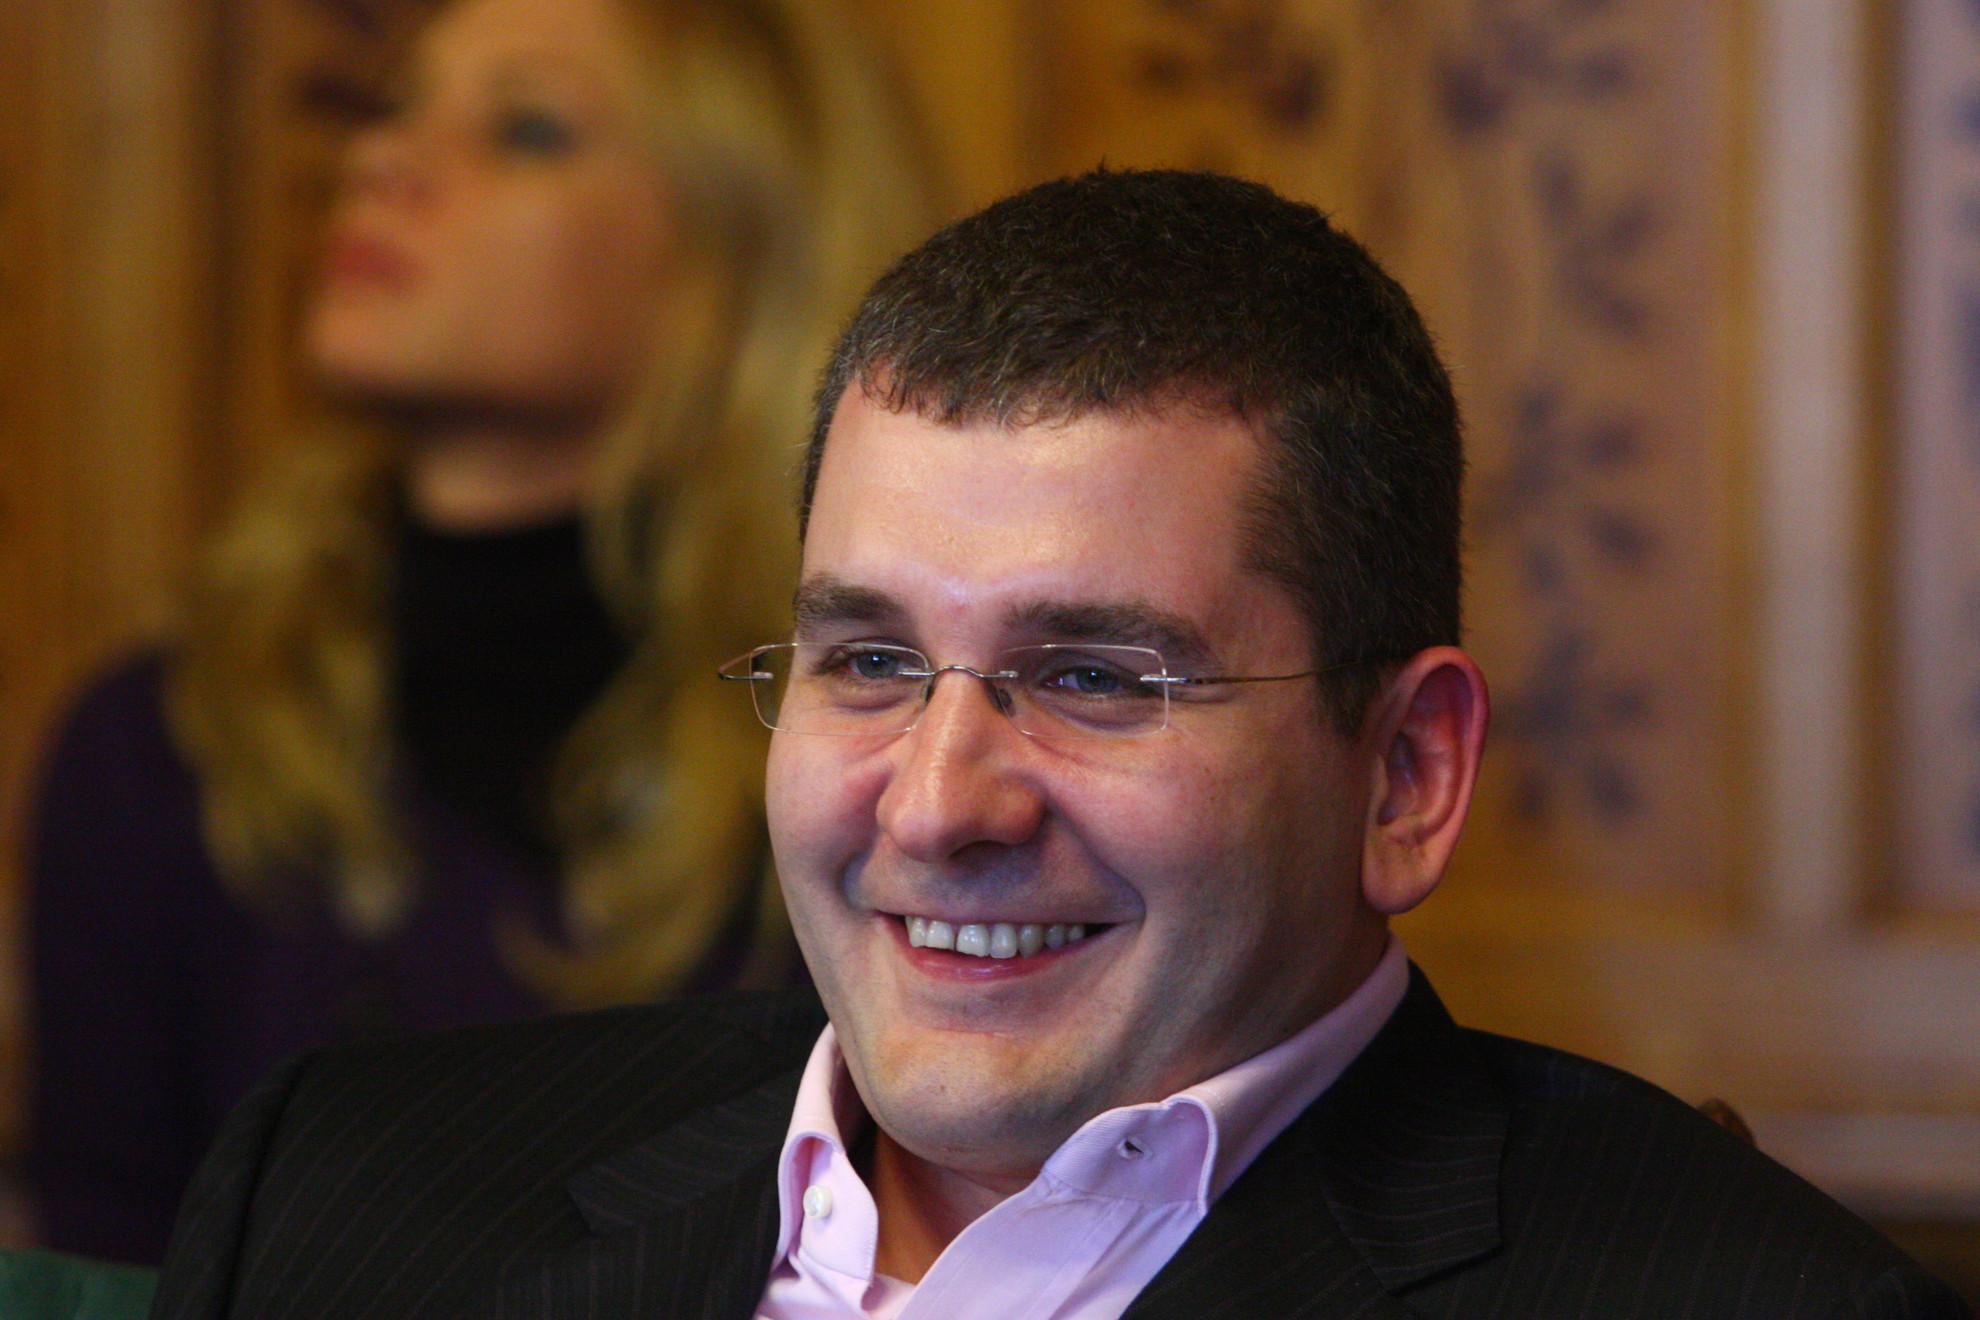 Kóka János, az első Gyurcsány-kormány gazdasági minisztere is segített állami megrendelésekhez jutni a Bajnai érdekeltségébe tartozó Dataflexnek